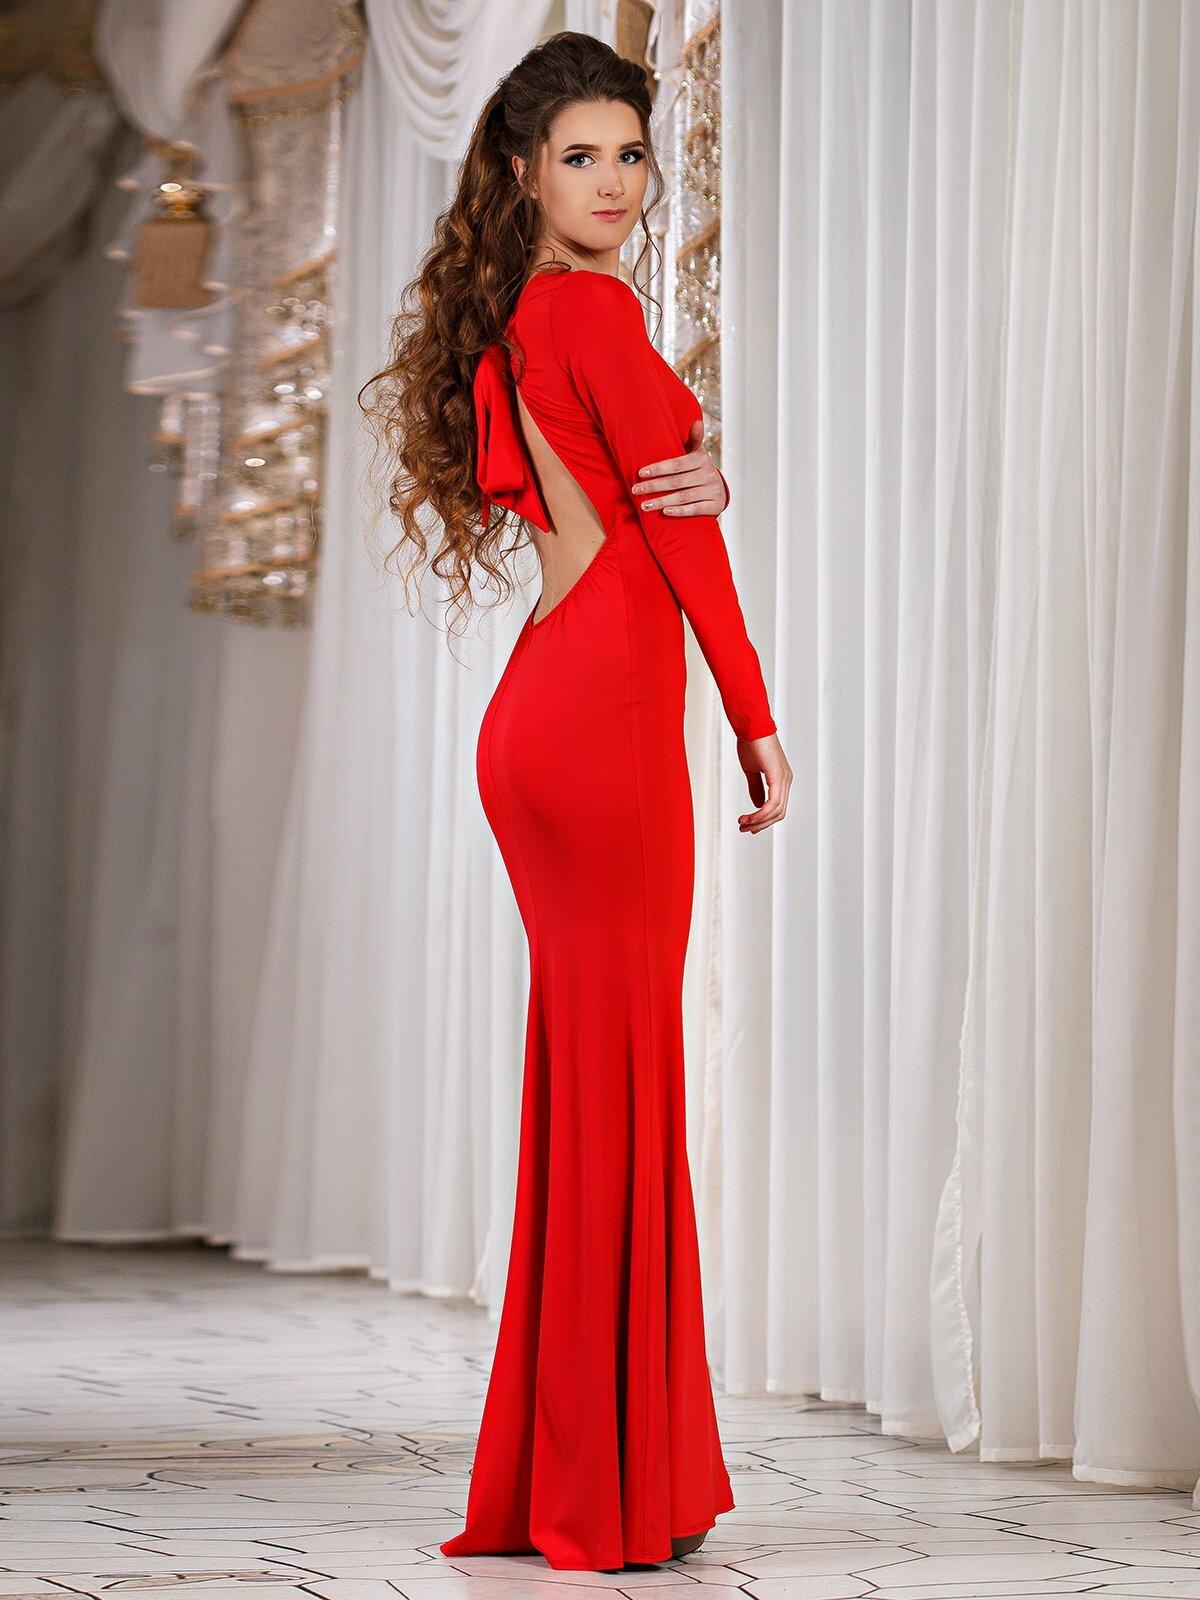 Картинки женщина в красном платье со спины, про детей надписью